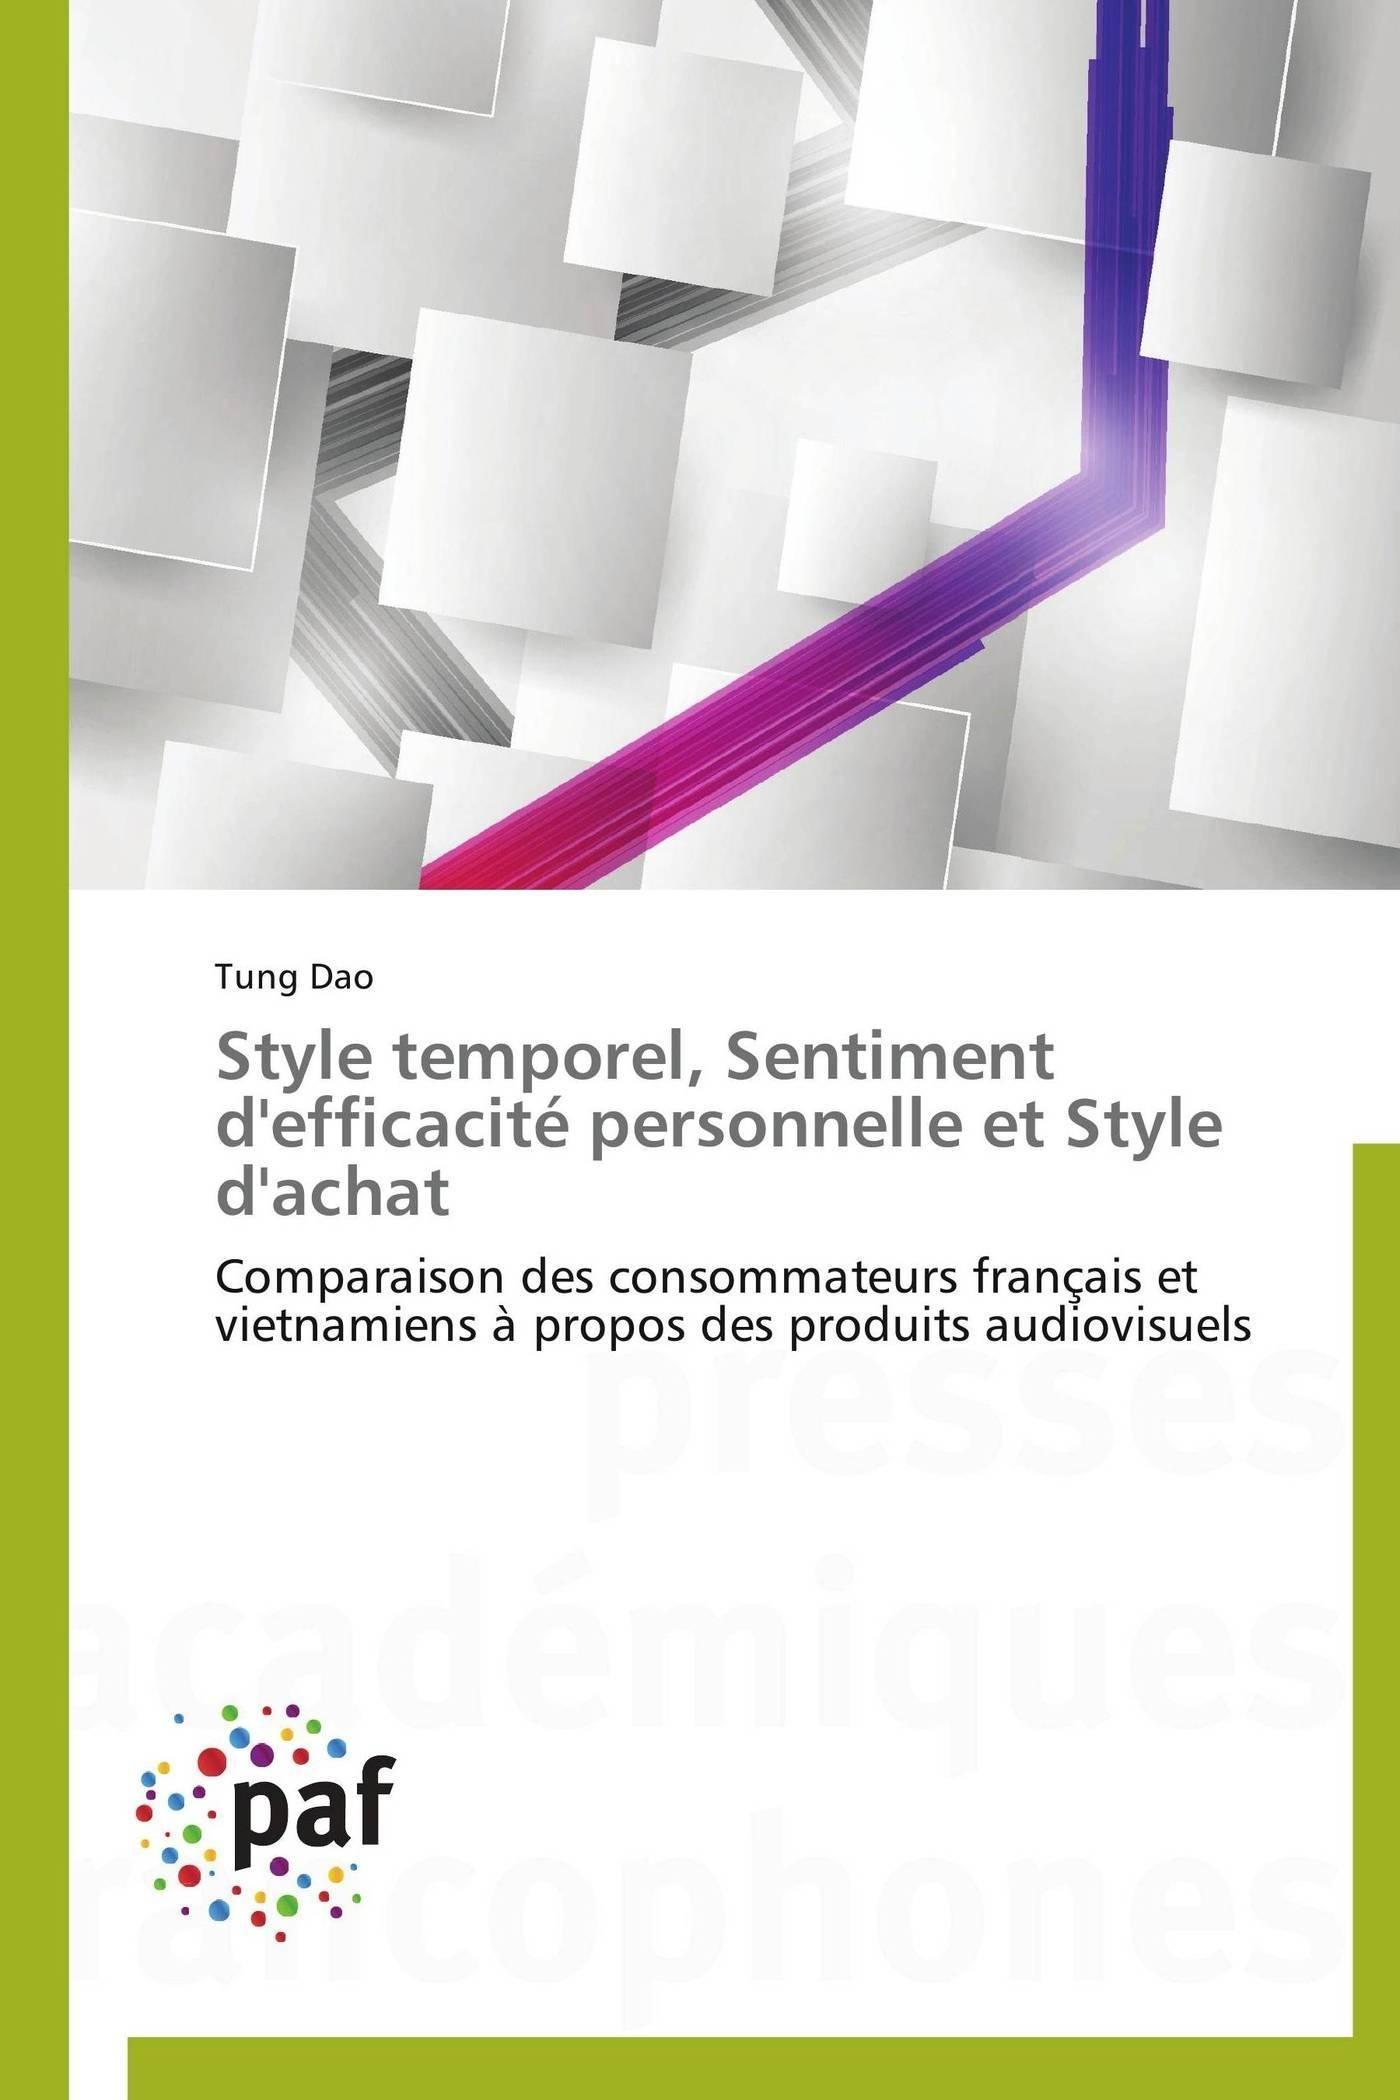 STYLE TEMPOREL, SENTIMENT D'EFFICACITE PERSONNELLE ET STYLE D'ACHAT